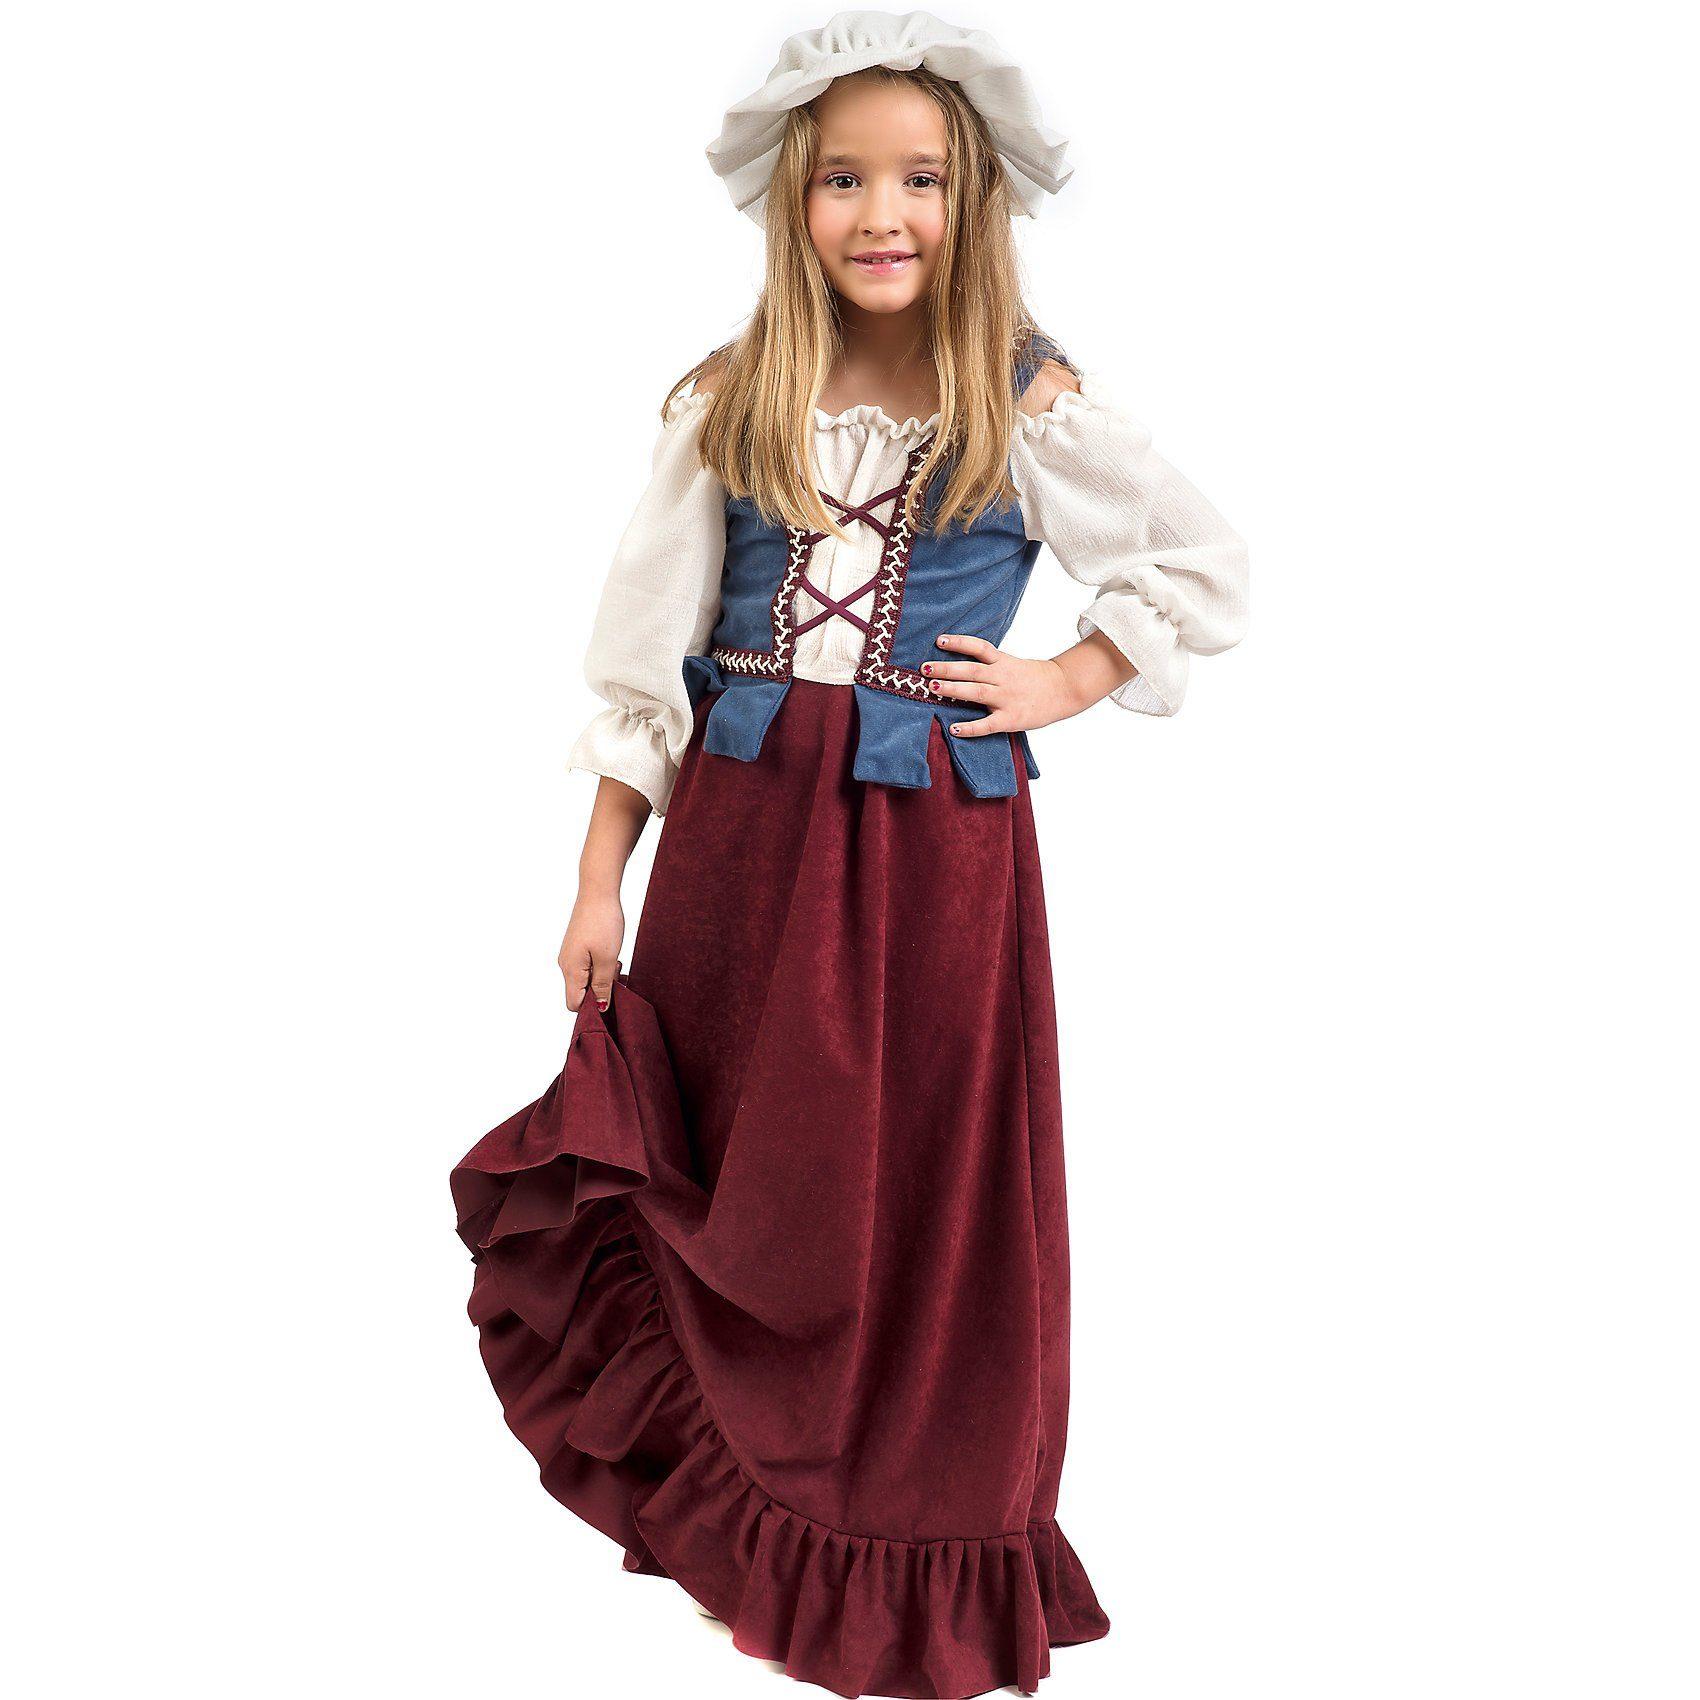 Unisex Limit Kostüm Magd/Bauernmädchen  | 08421796084944